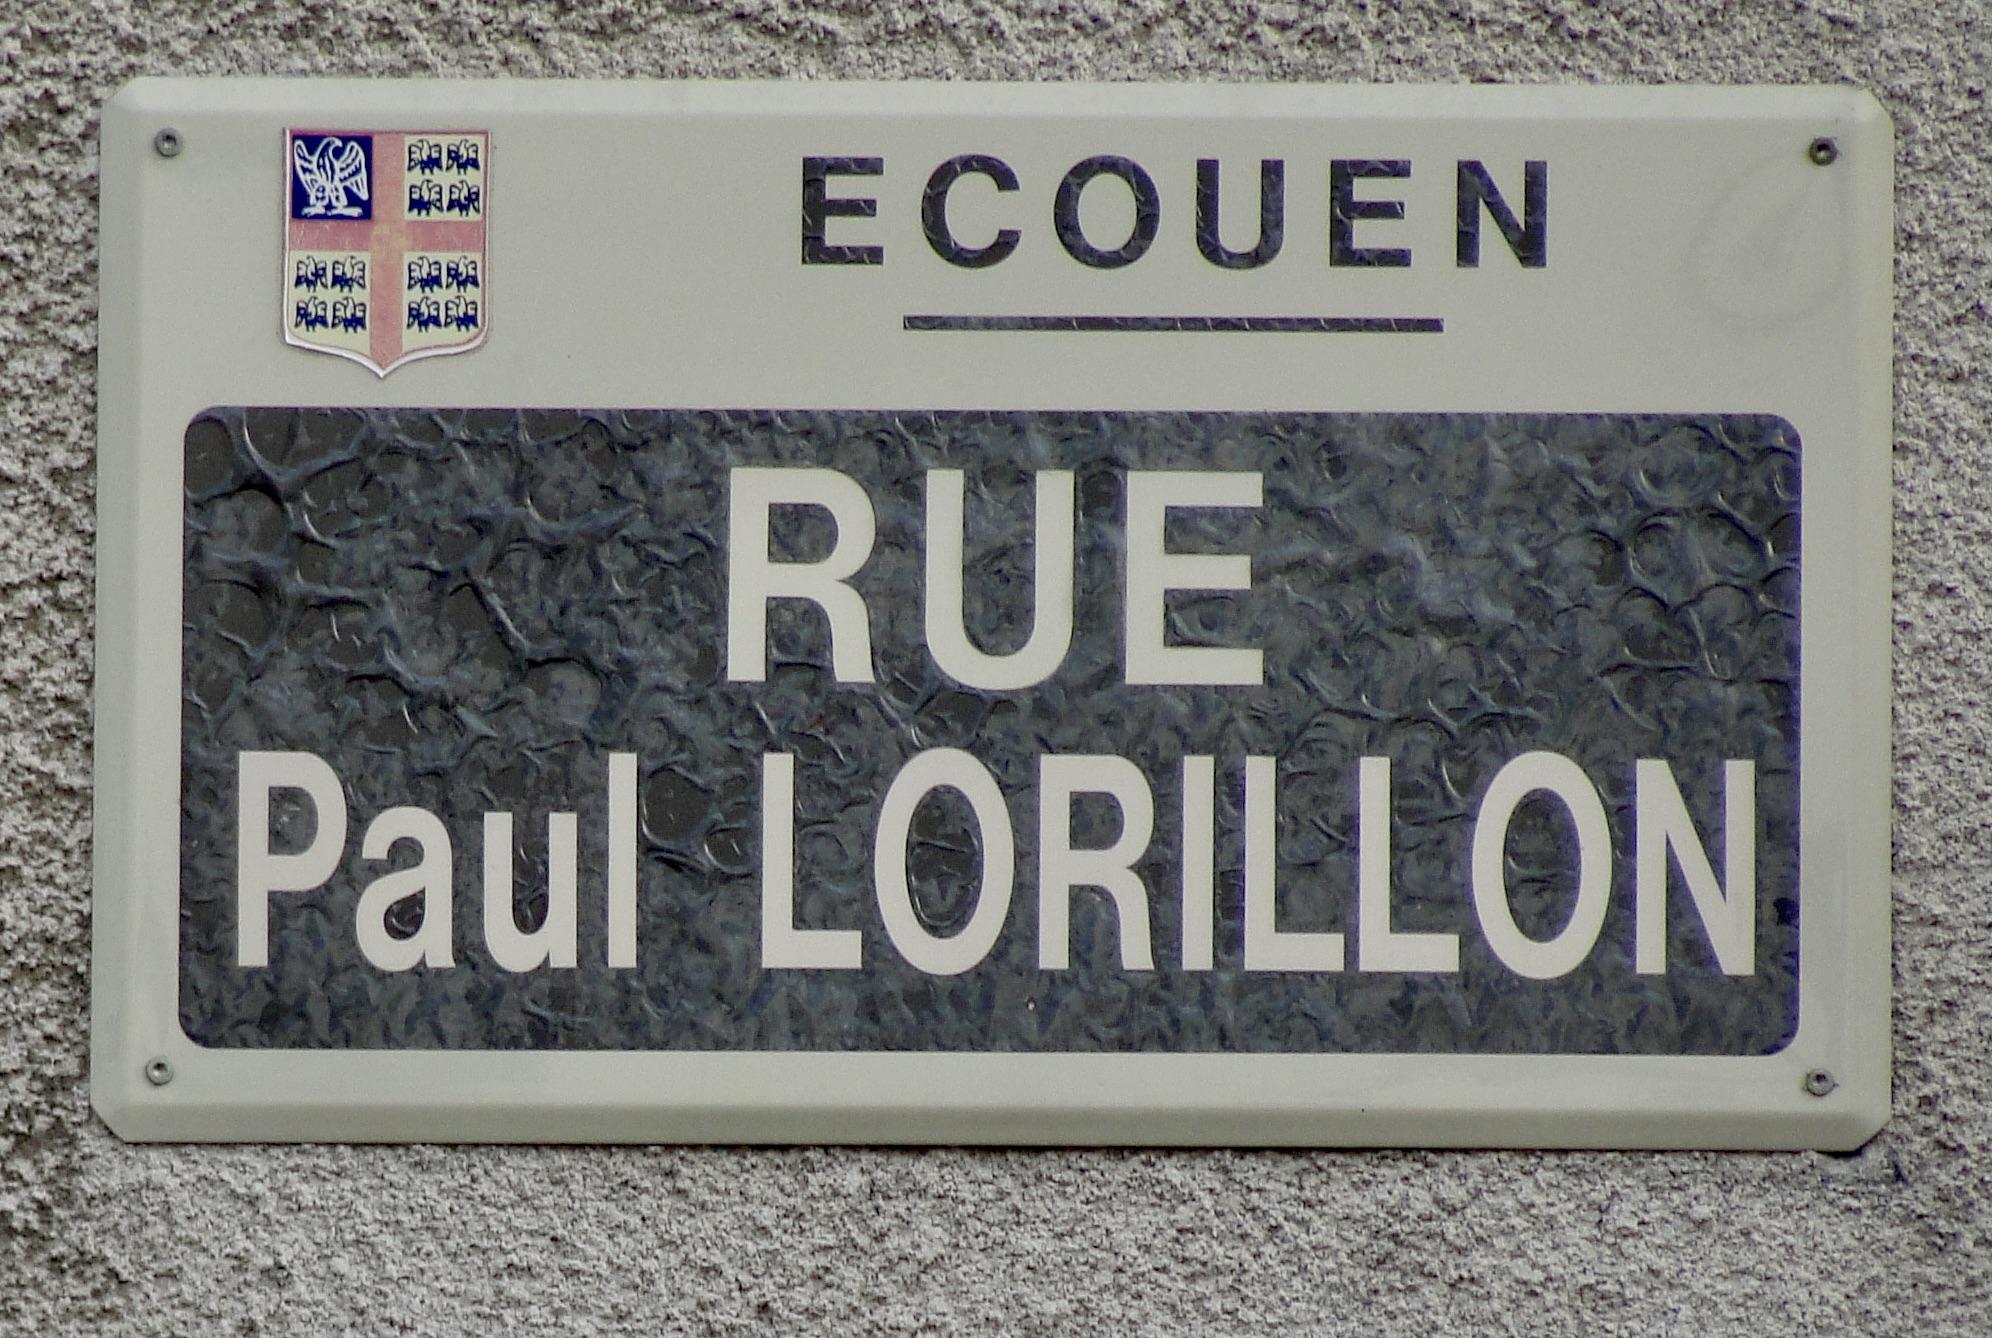 Plaque Lorillon